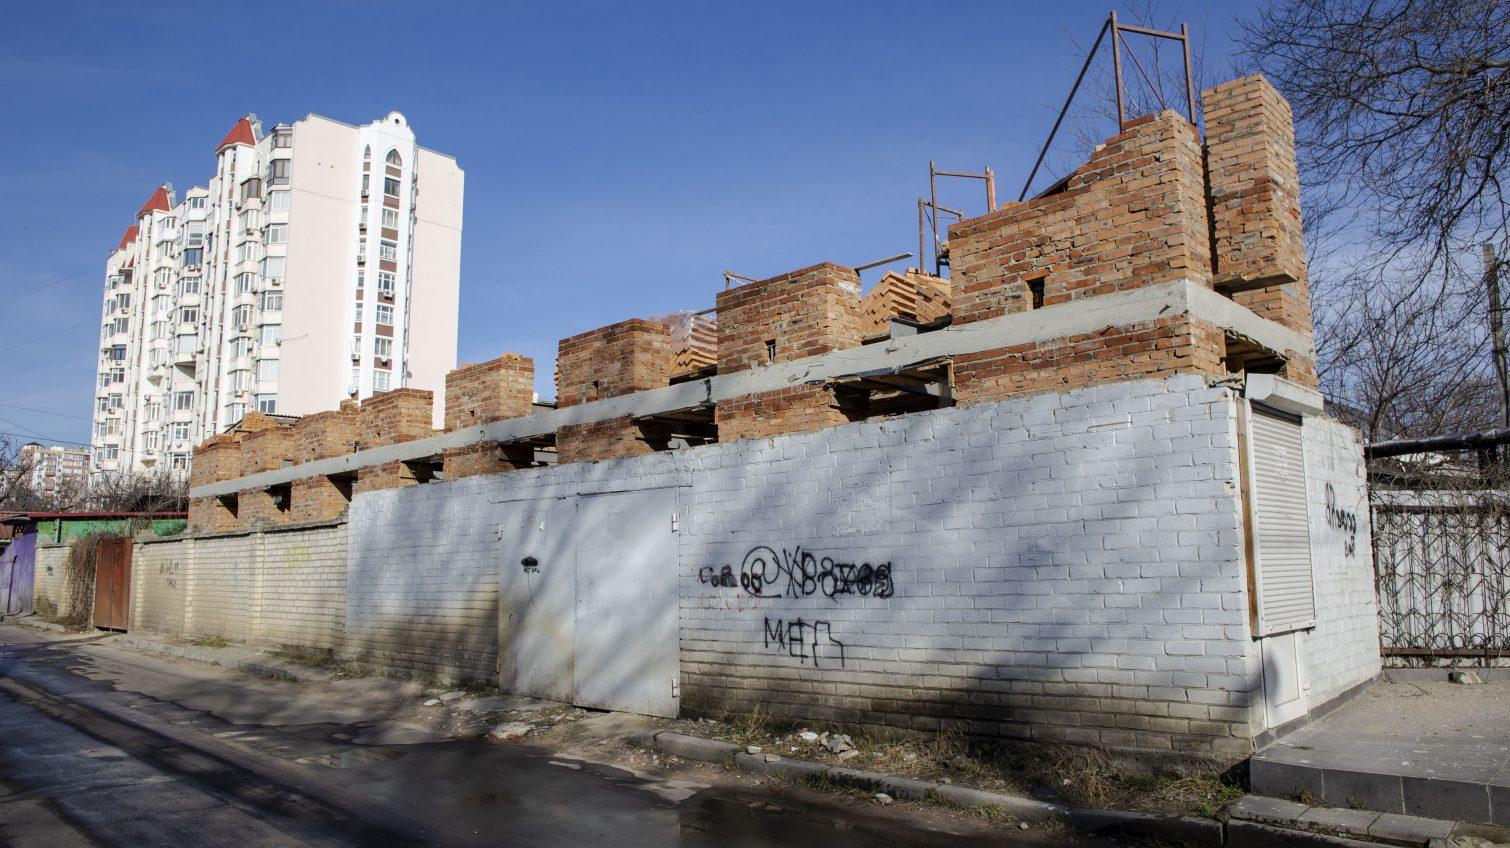 На Посмитного активно строят незаконное здание, несмотря на штрафы и возмущение местных жителей (фото) «фото»